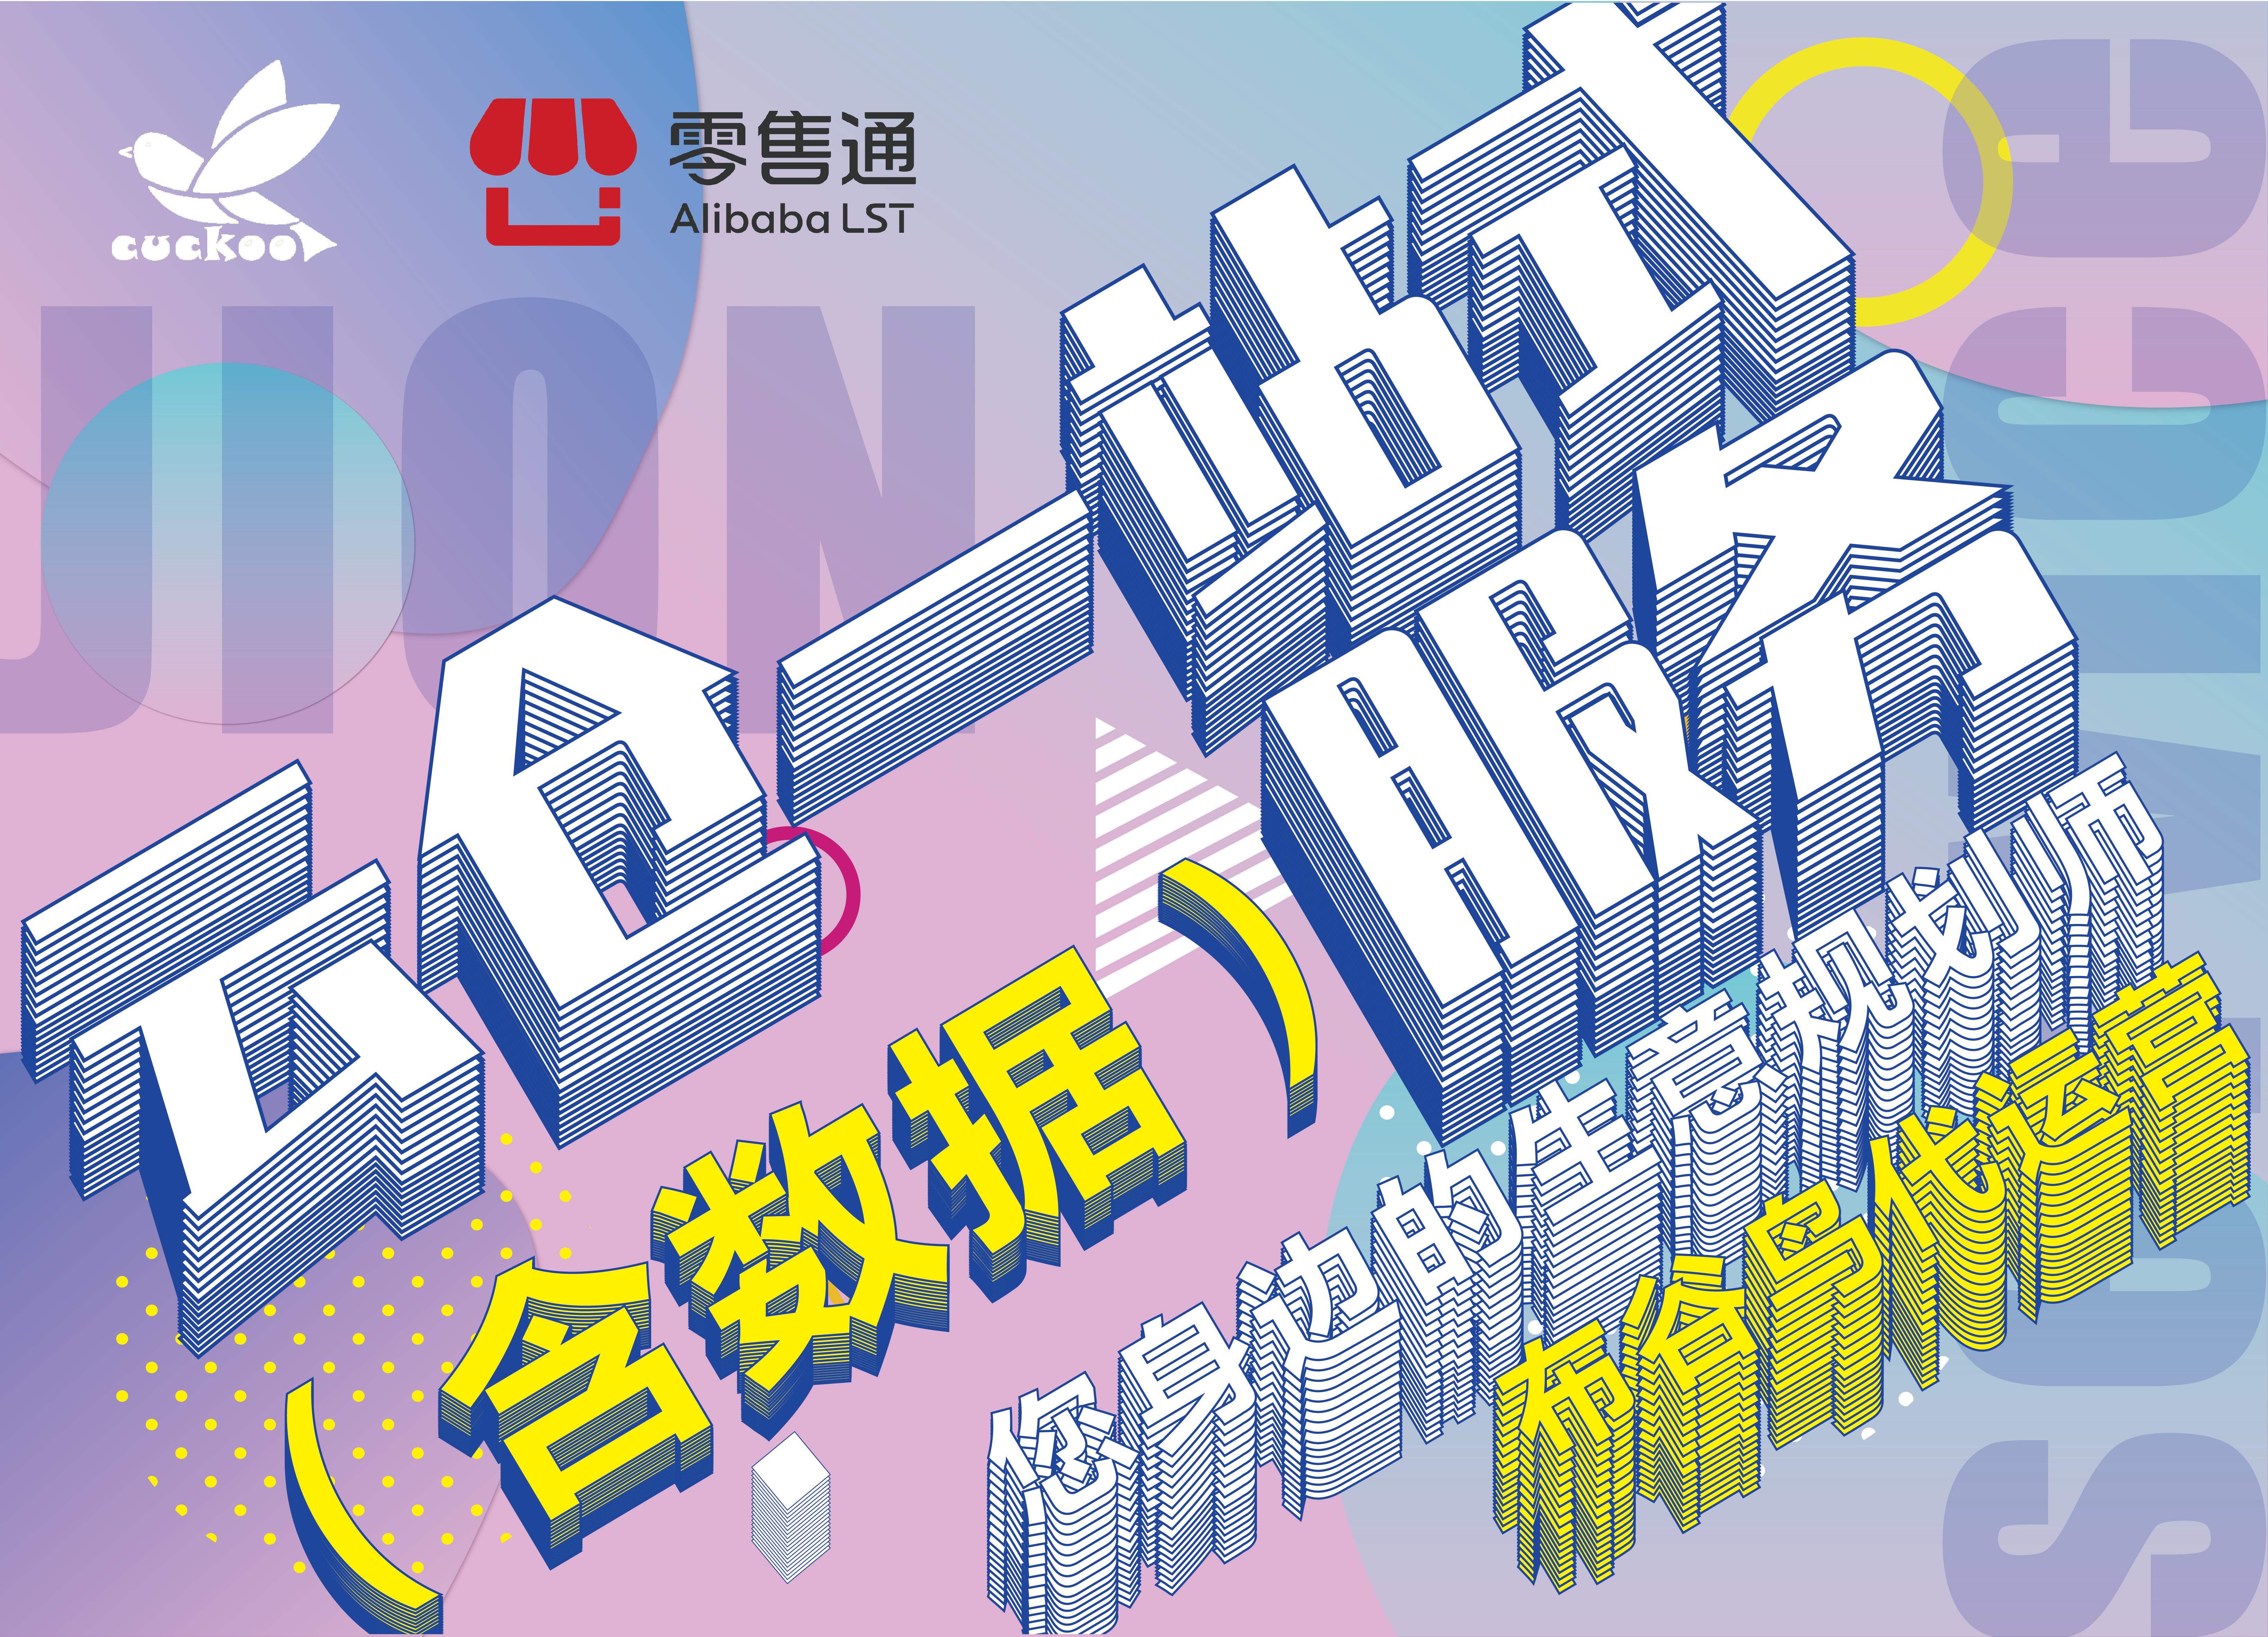 云仓一站式服务(含数据)+江苏+浙江